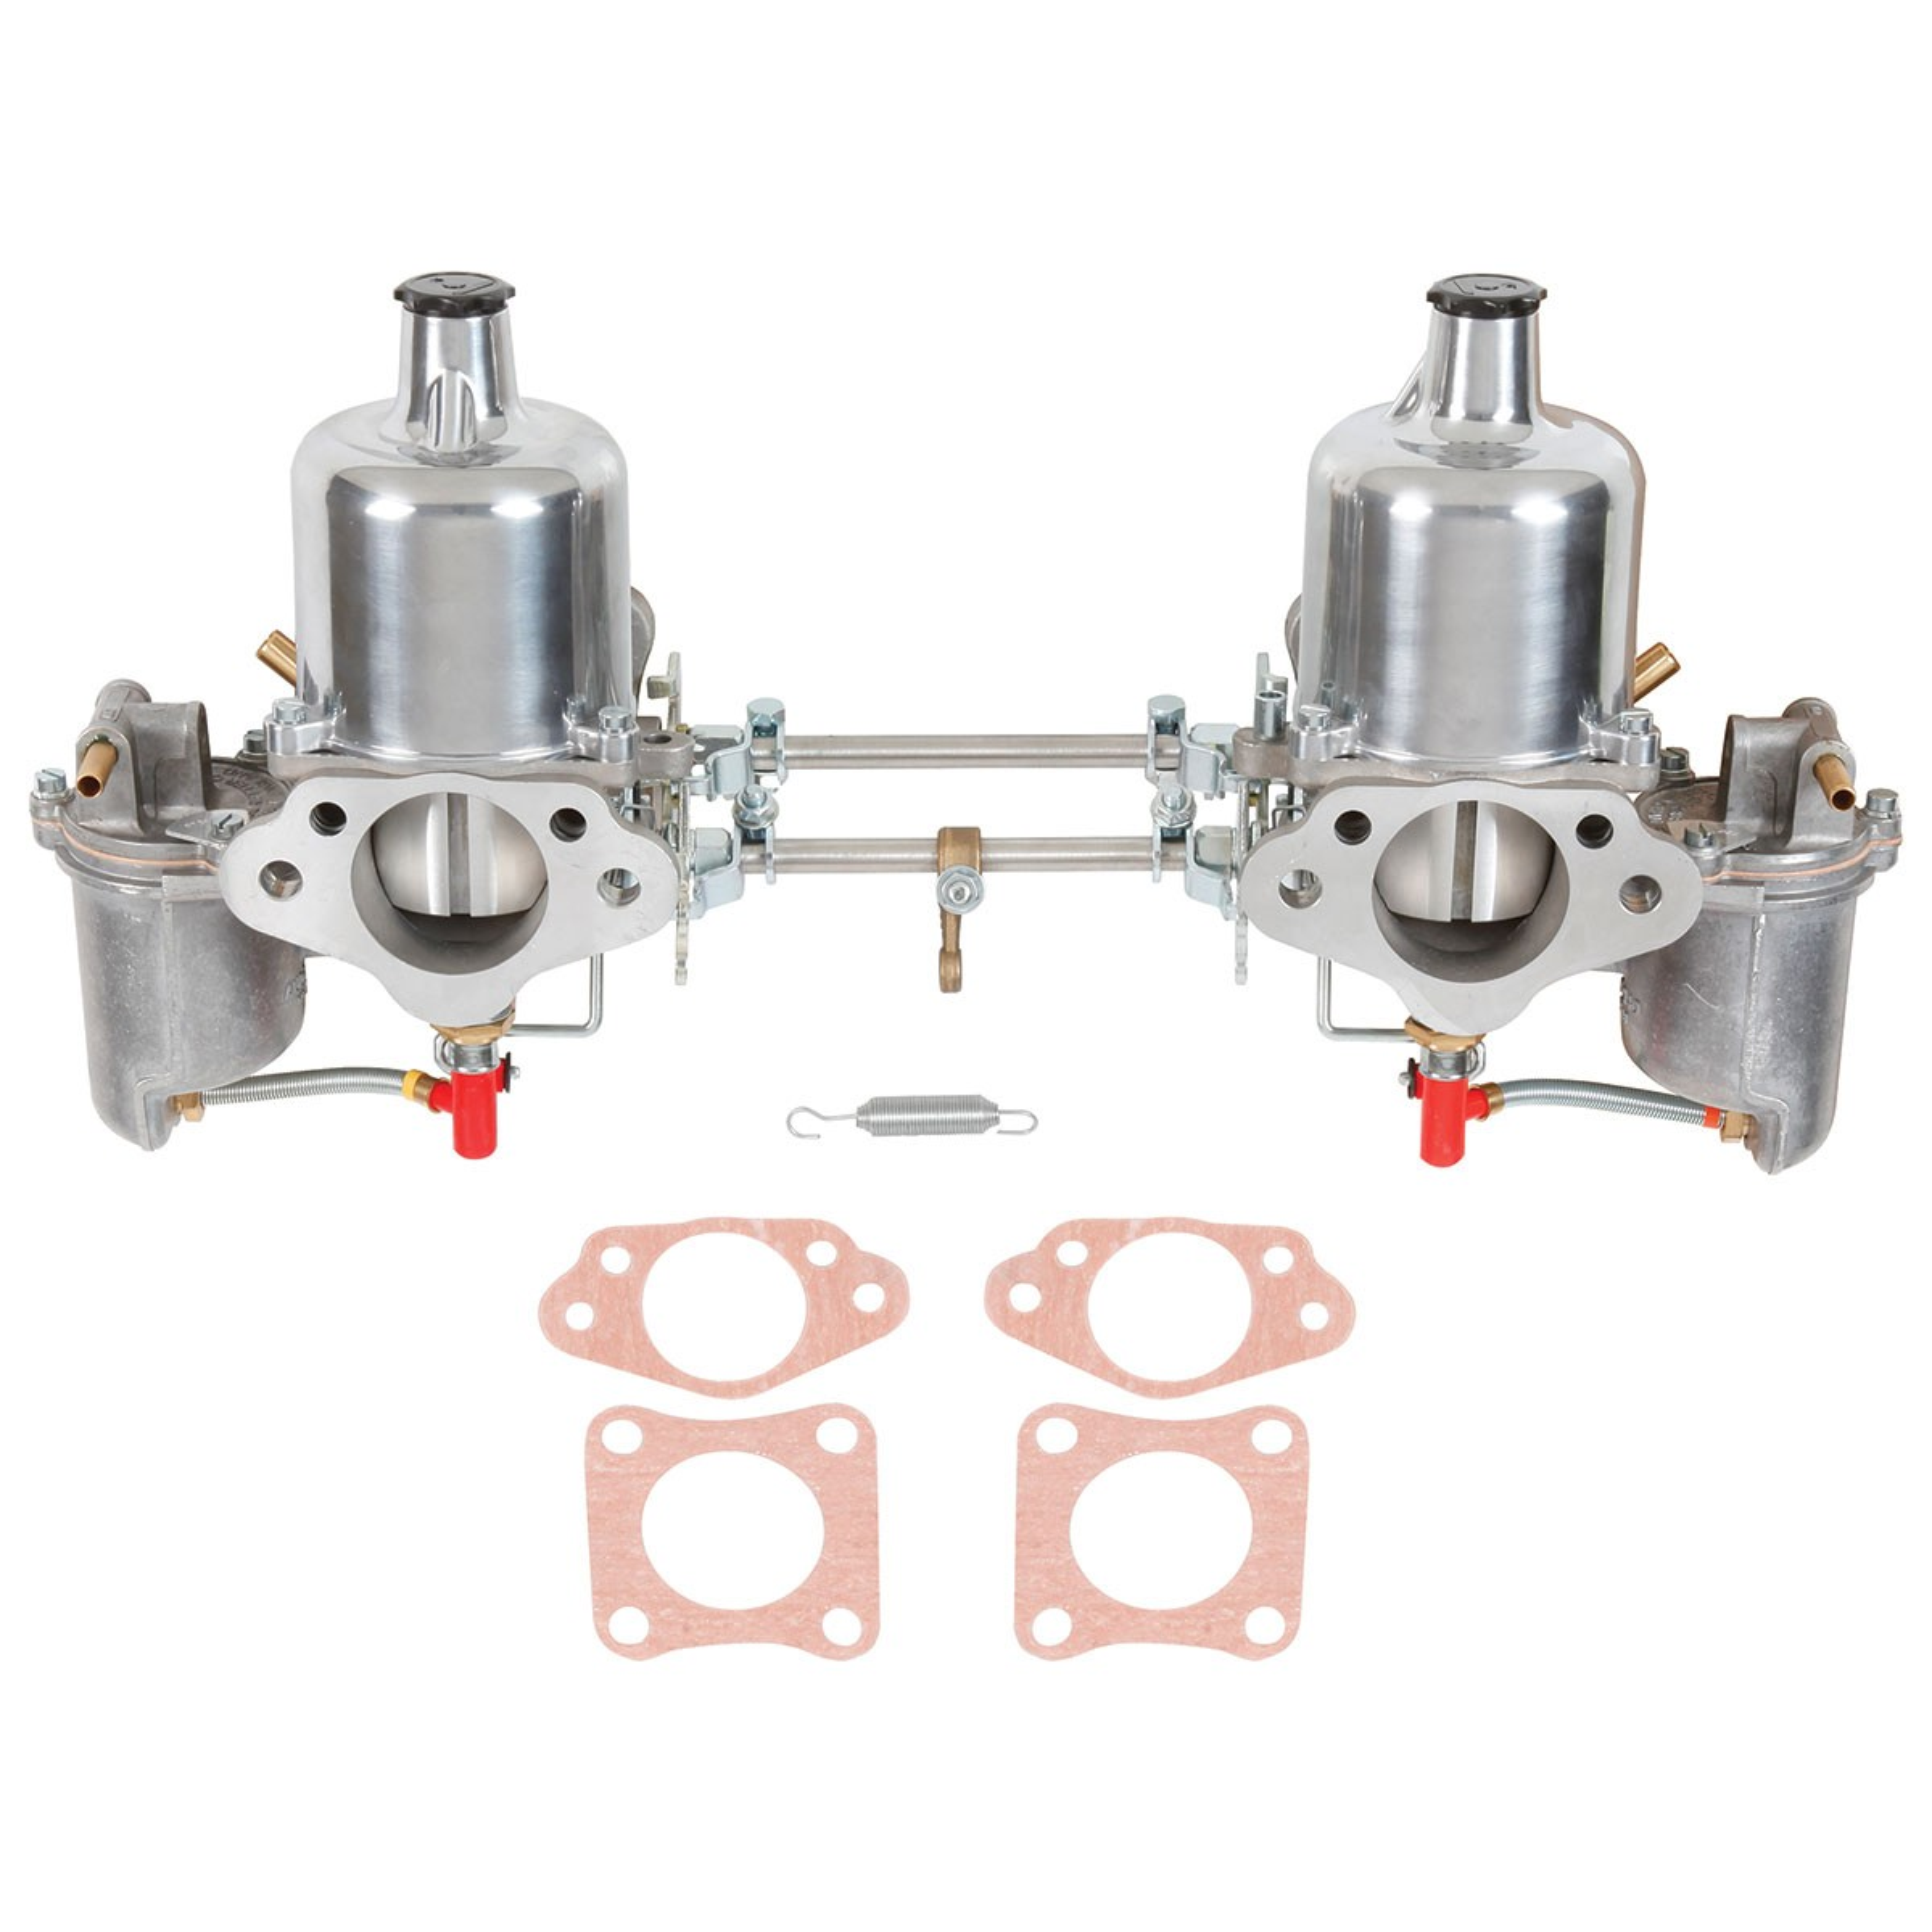 HS6 SU Carburetor Conversion Kits